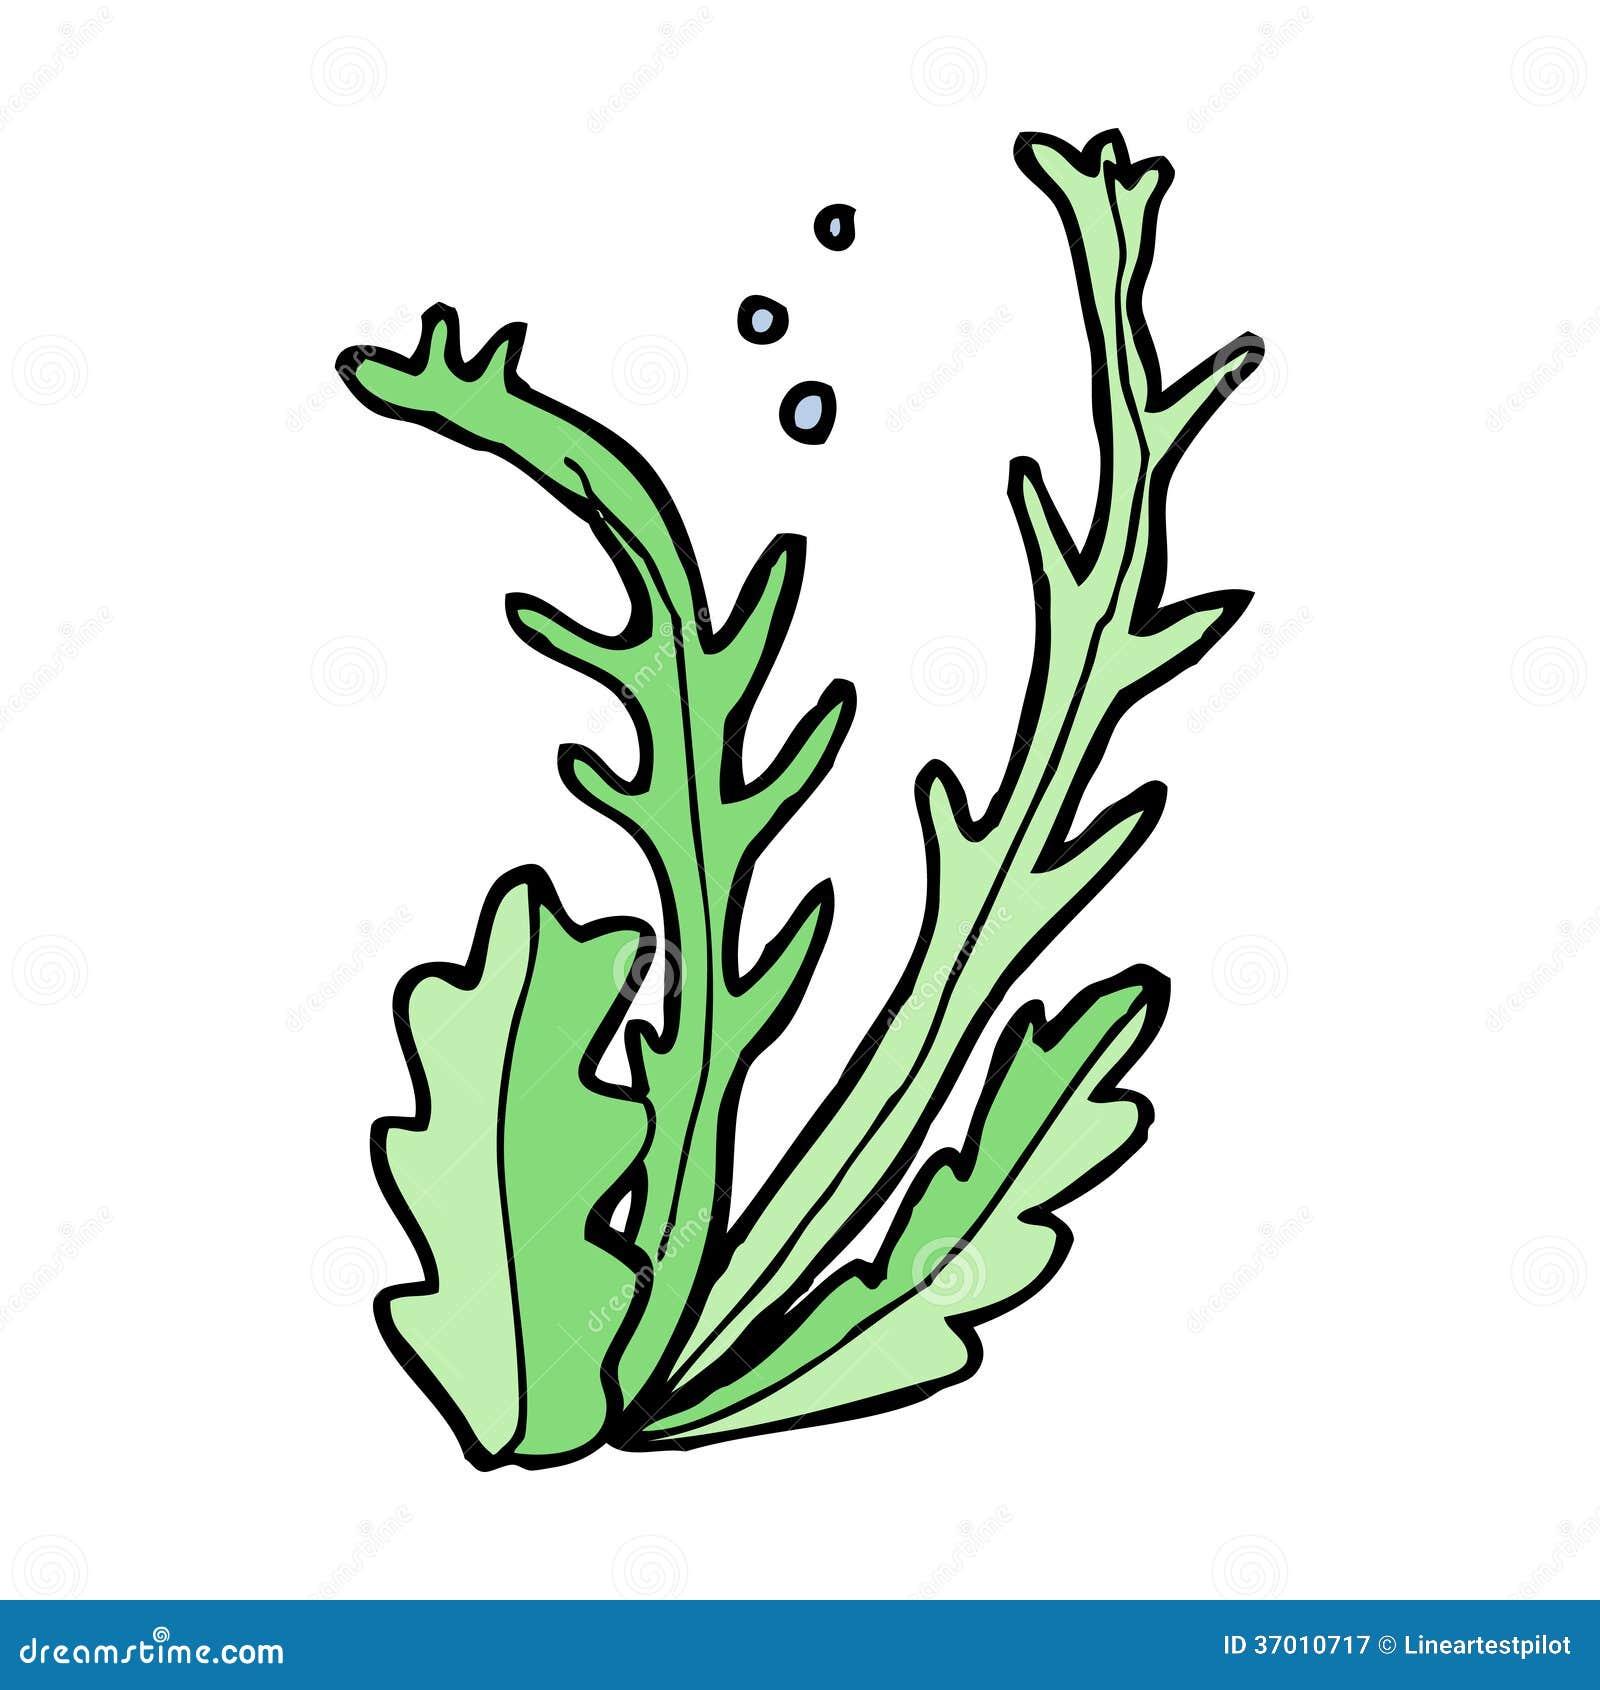 Cartoon Seaweed Clipart cartoon seaweed Royalty Free